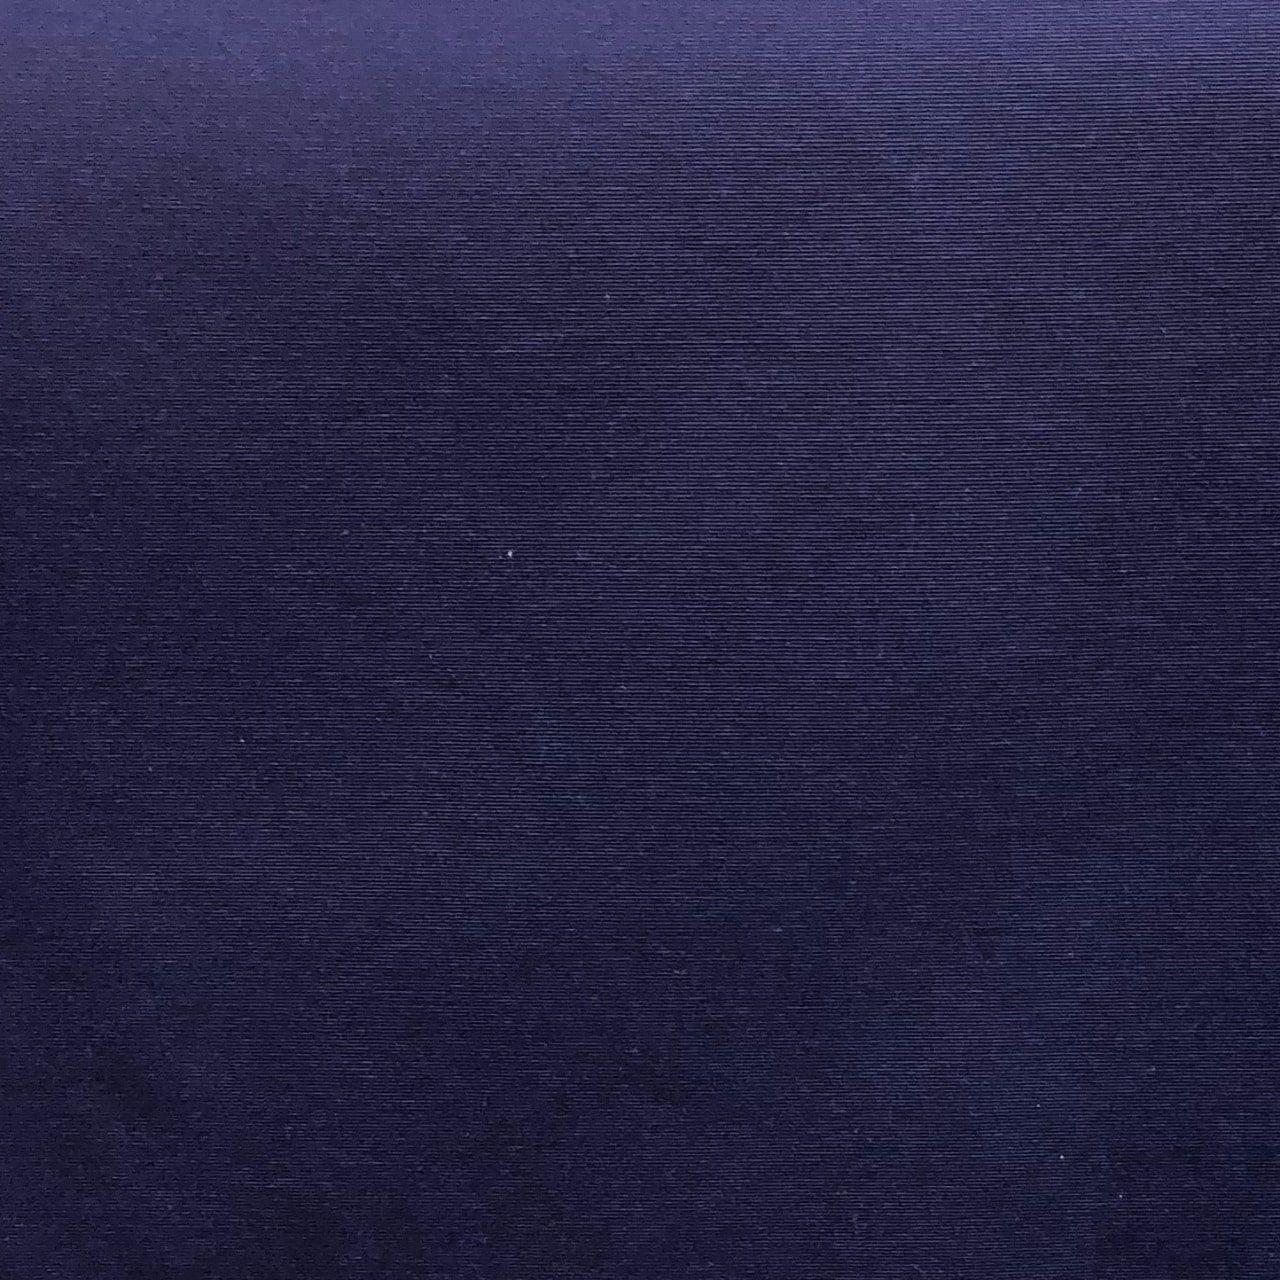 Tecido Jacquard Liso Azul Marinho - 1.40m de Largura